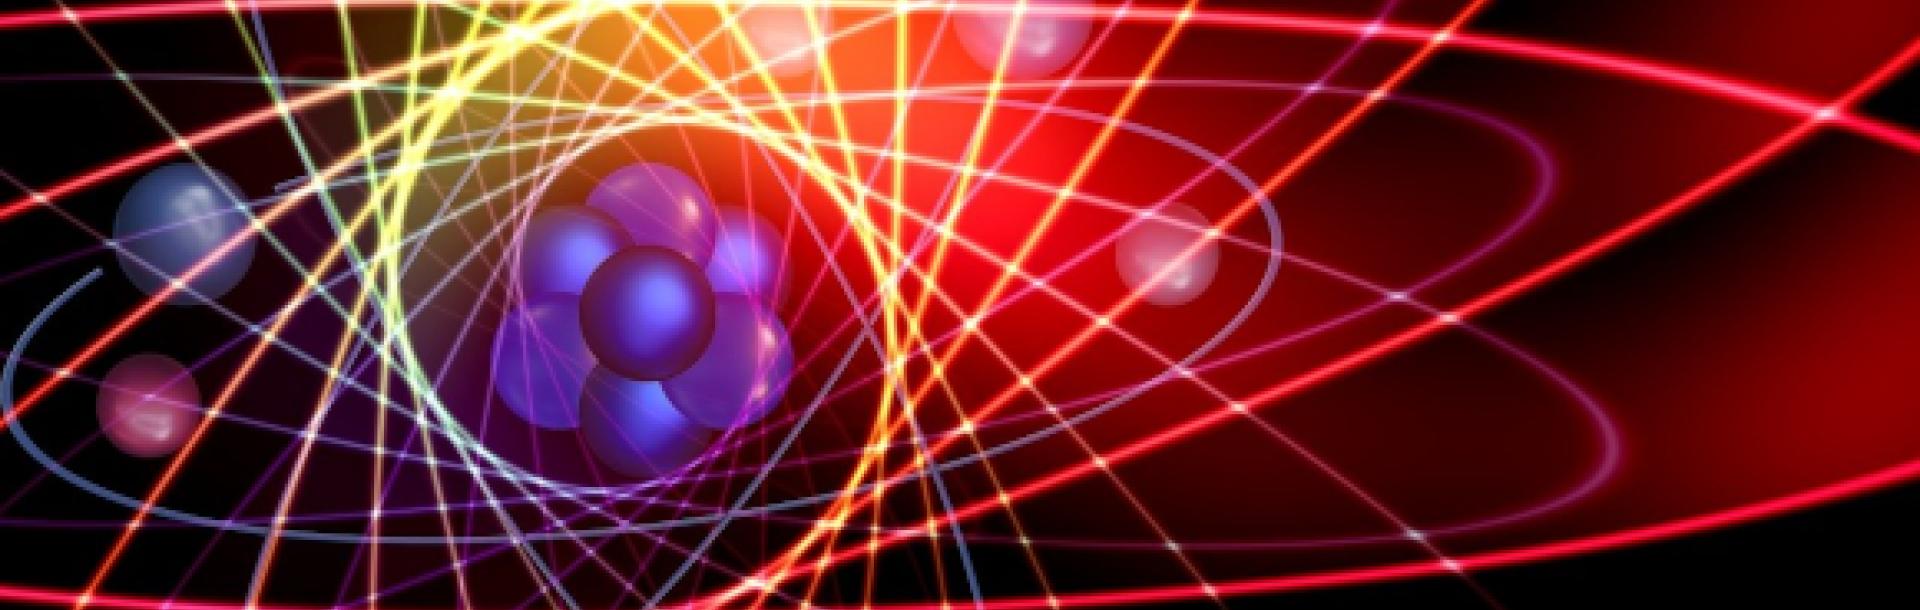 Quantum mechanics affects light emission